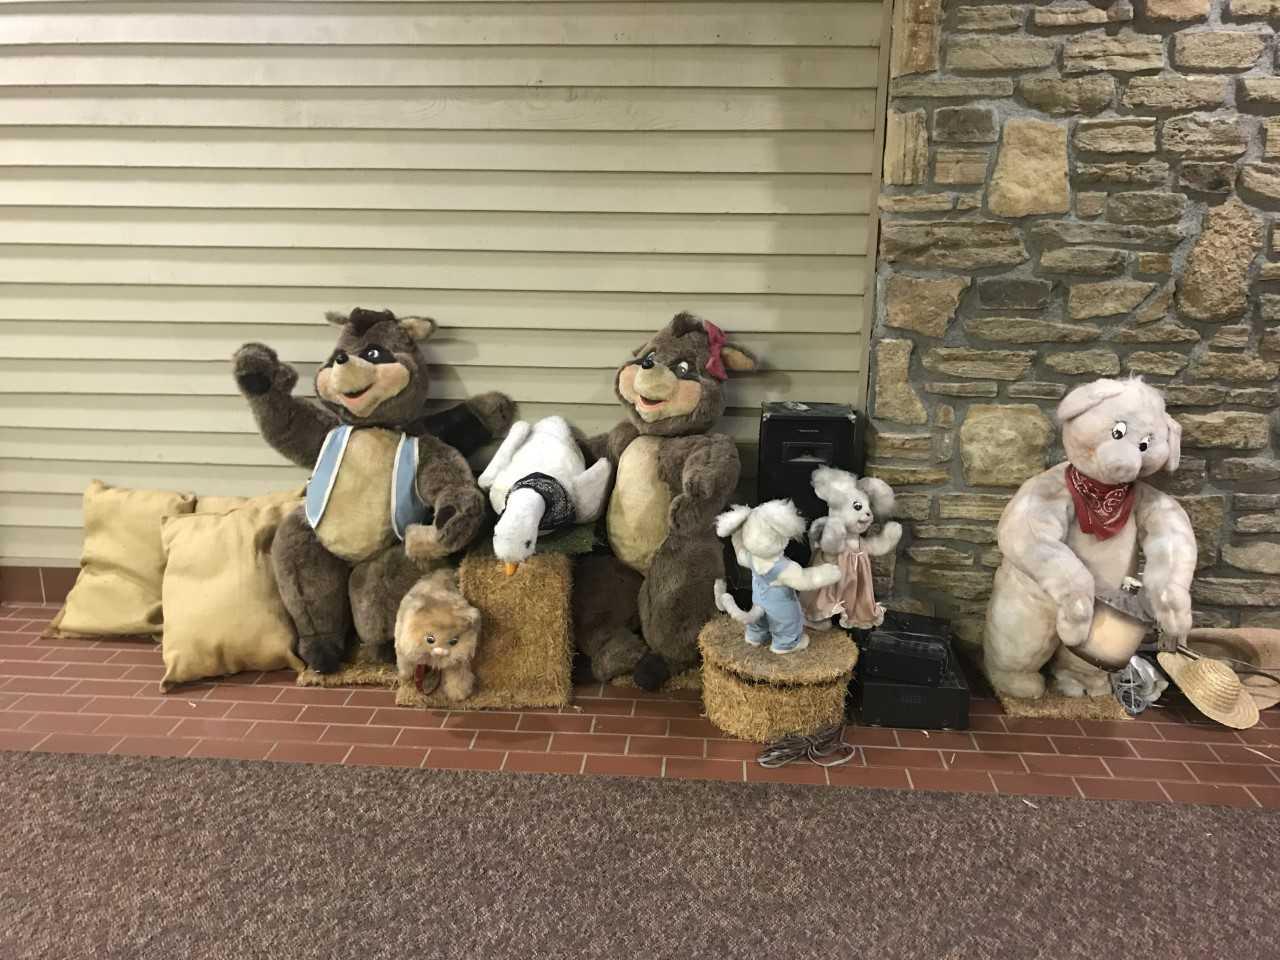 Easter Playboy bunnies, Roomba burglar, Taylor Swift: News